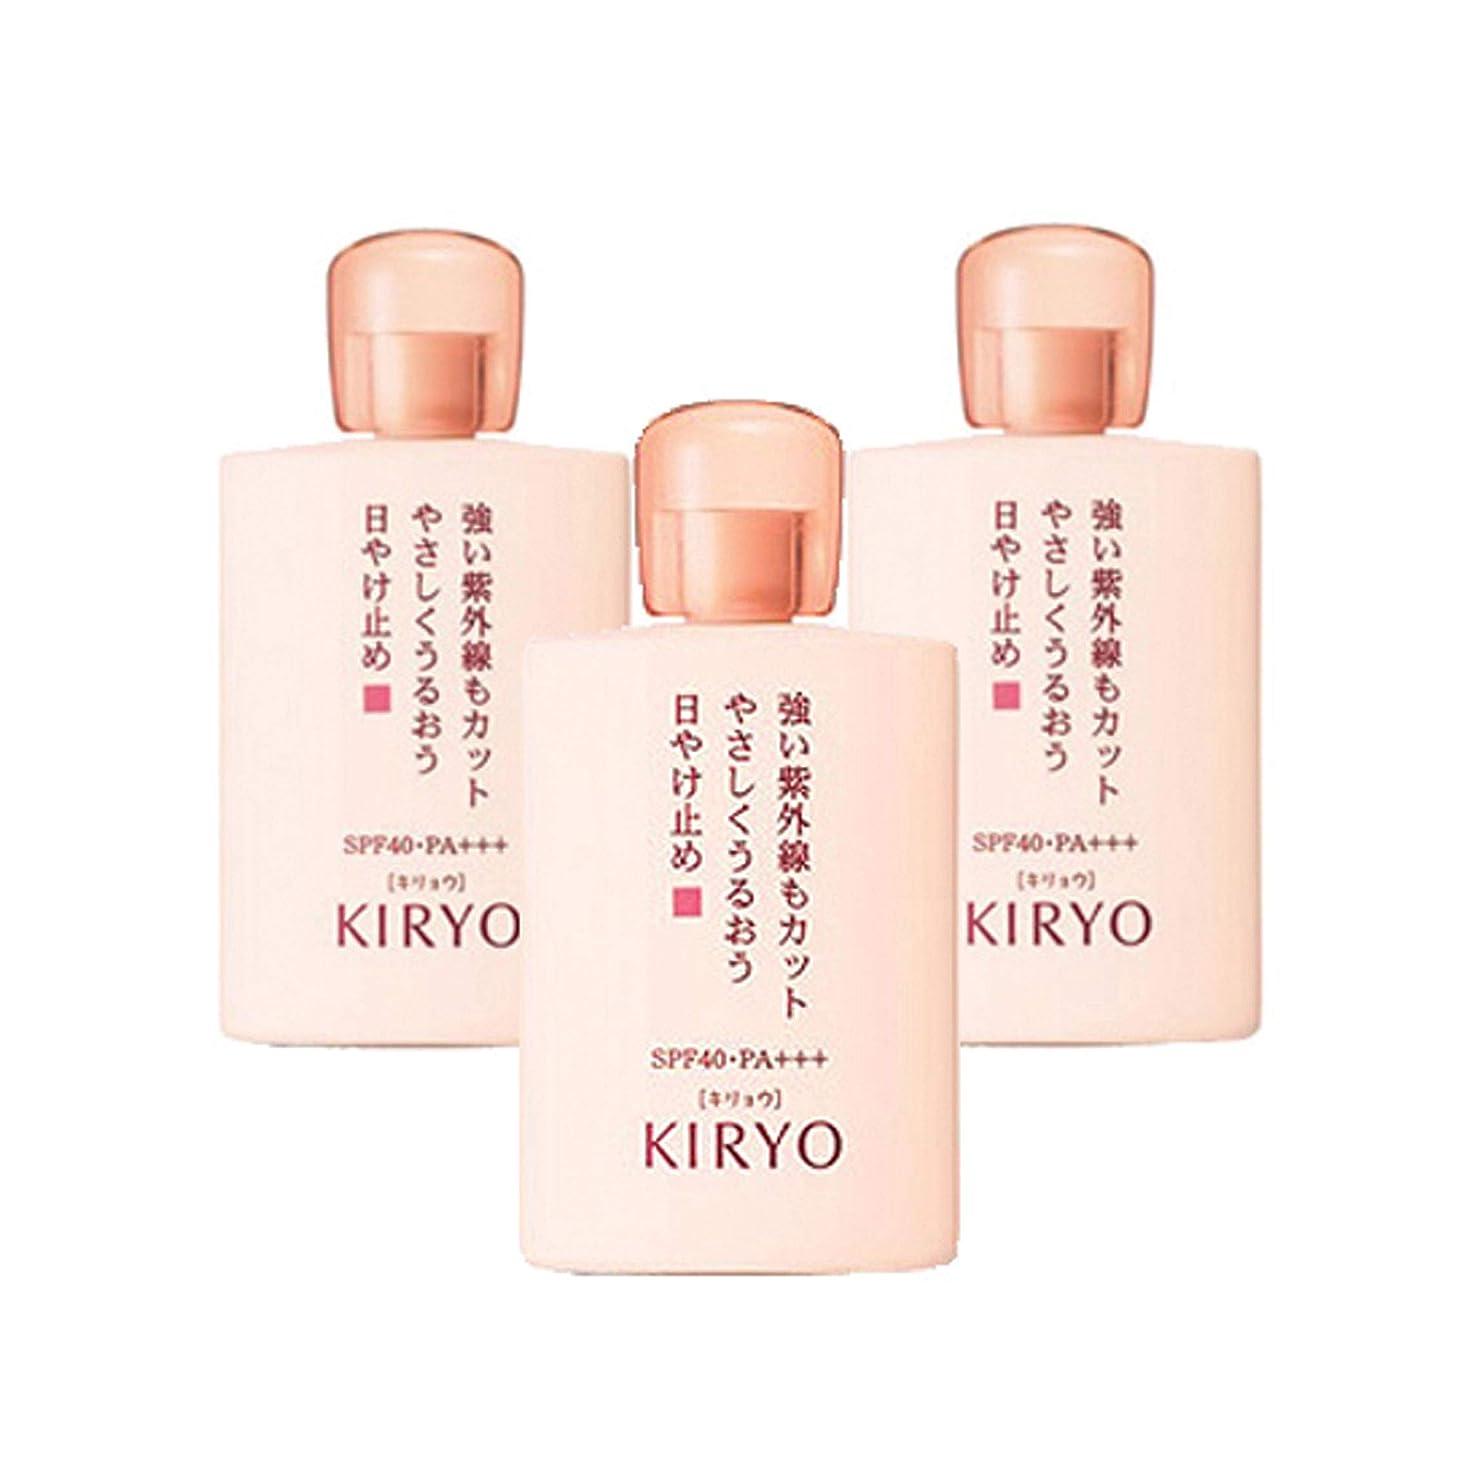 リズム雇ったサラダ【資生堂】KIRYO キリョウ サンブロック UV SPF40 PA+++ 50mL× 3個セット【International shipping available】